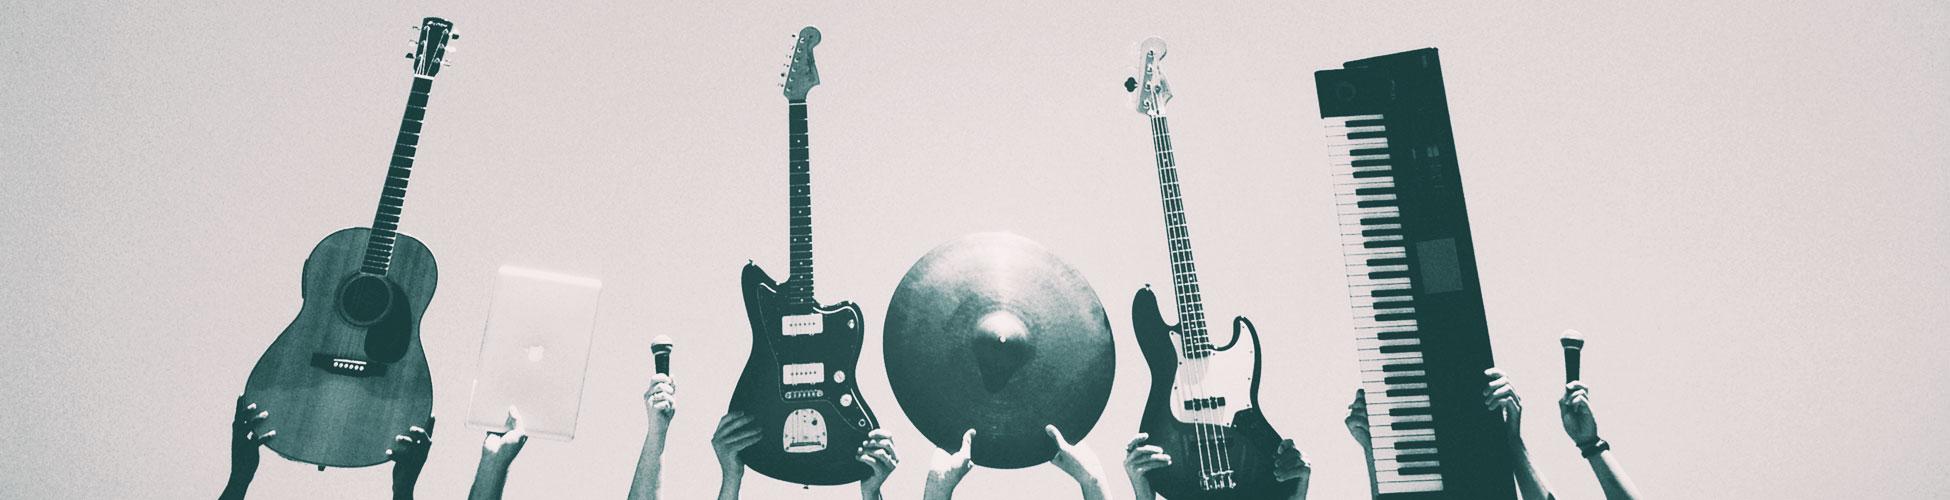 Musicaeventi 2.0